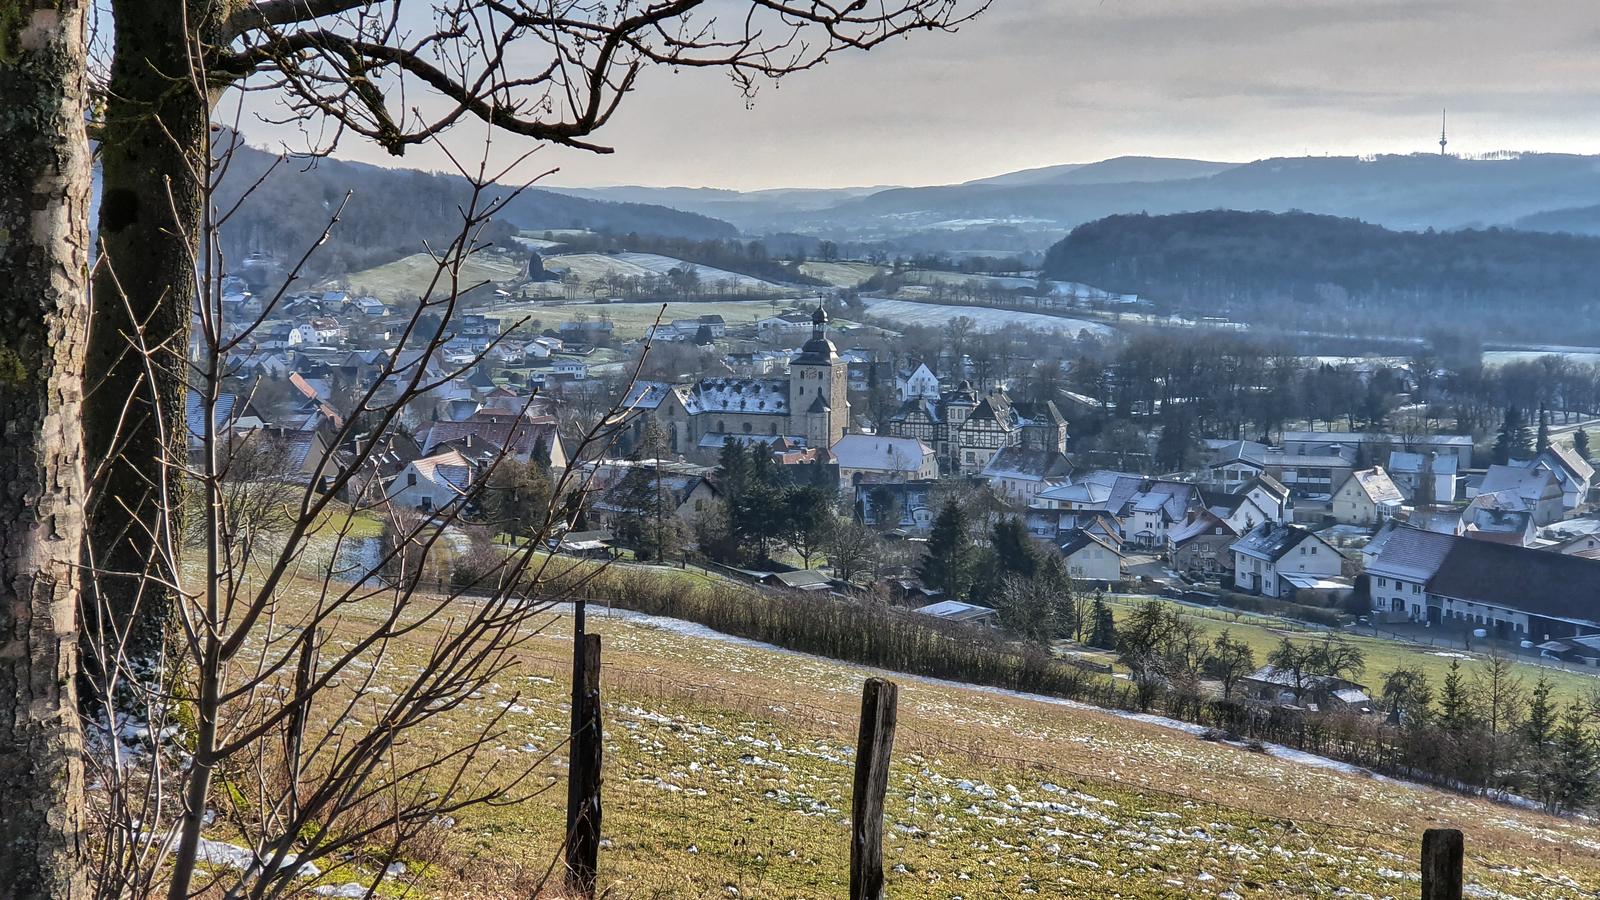 Wandern bei Bad Driburg, Wanderwege in Ostwestfalen, Natur und Kultur, Sehenswürdigkeiten in Neuenheerse